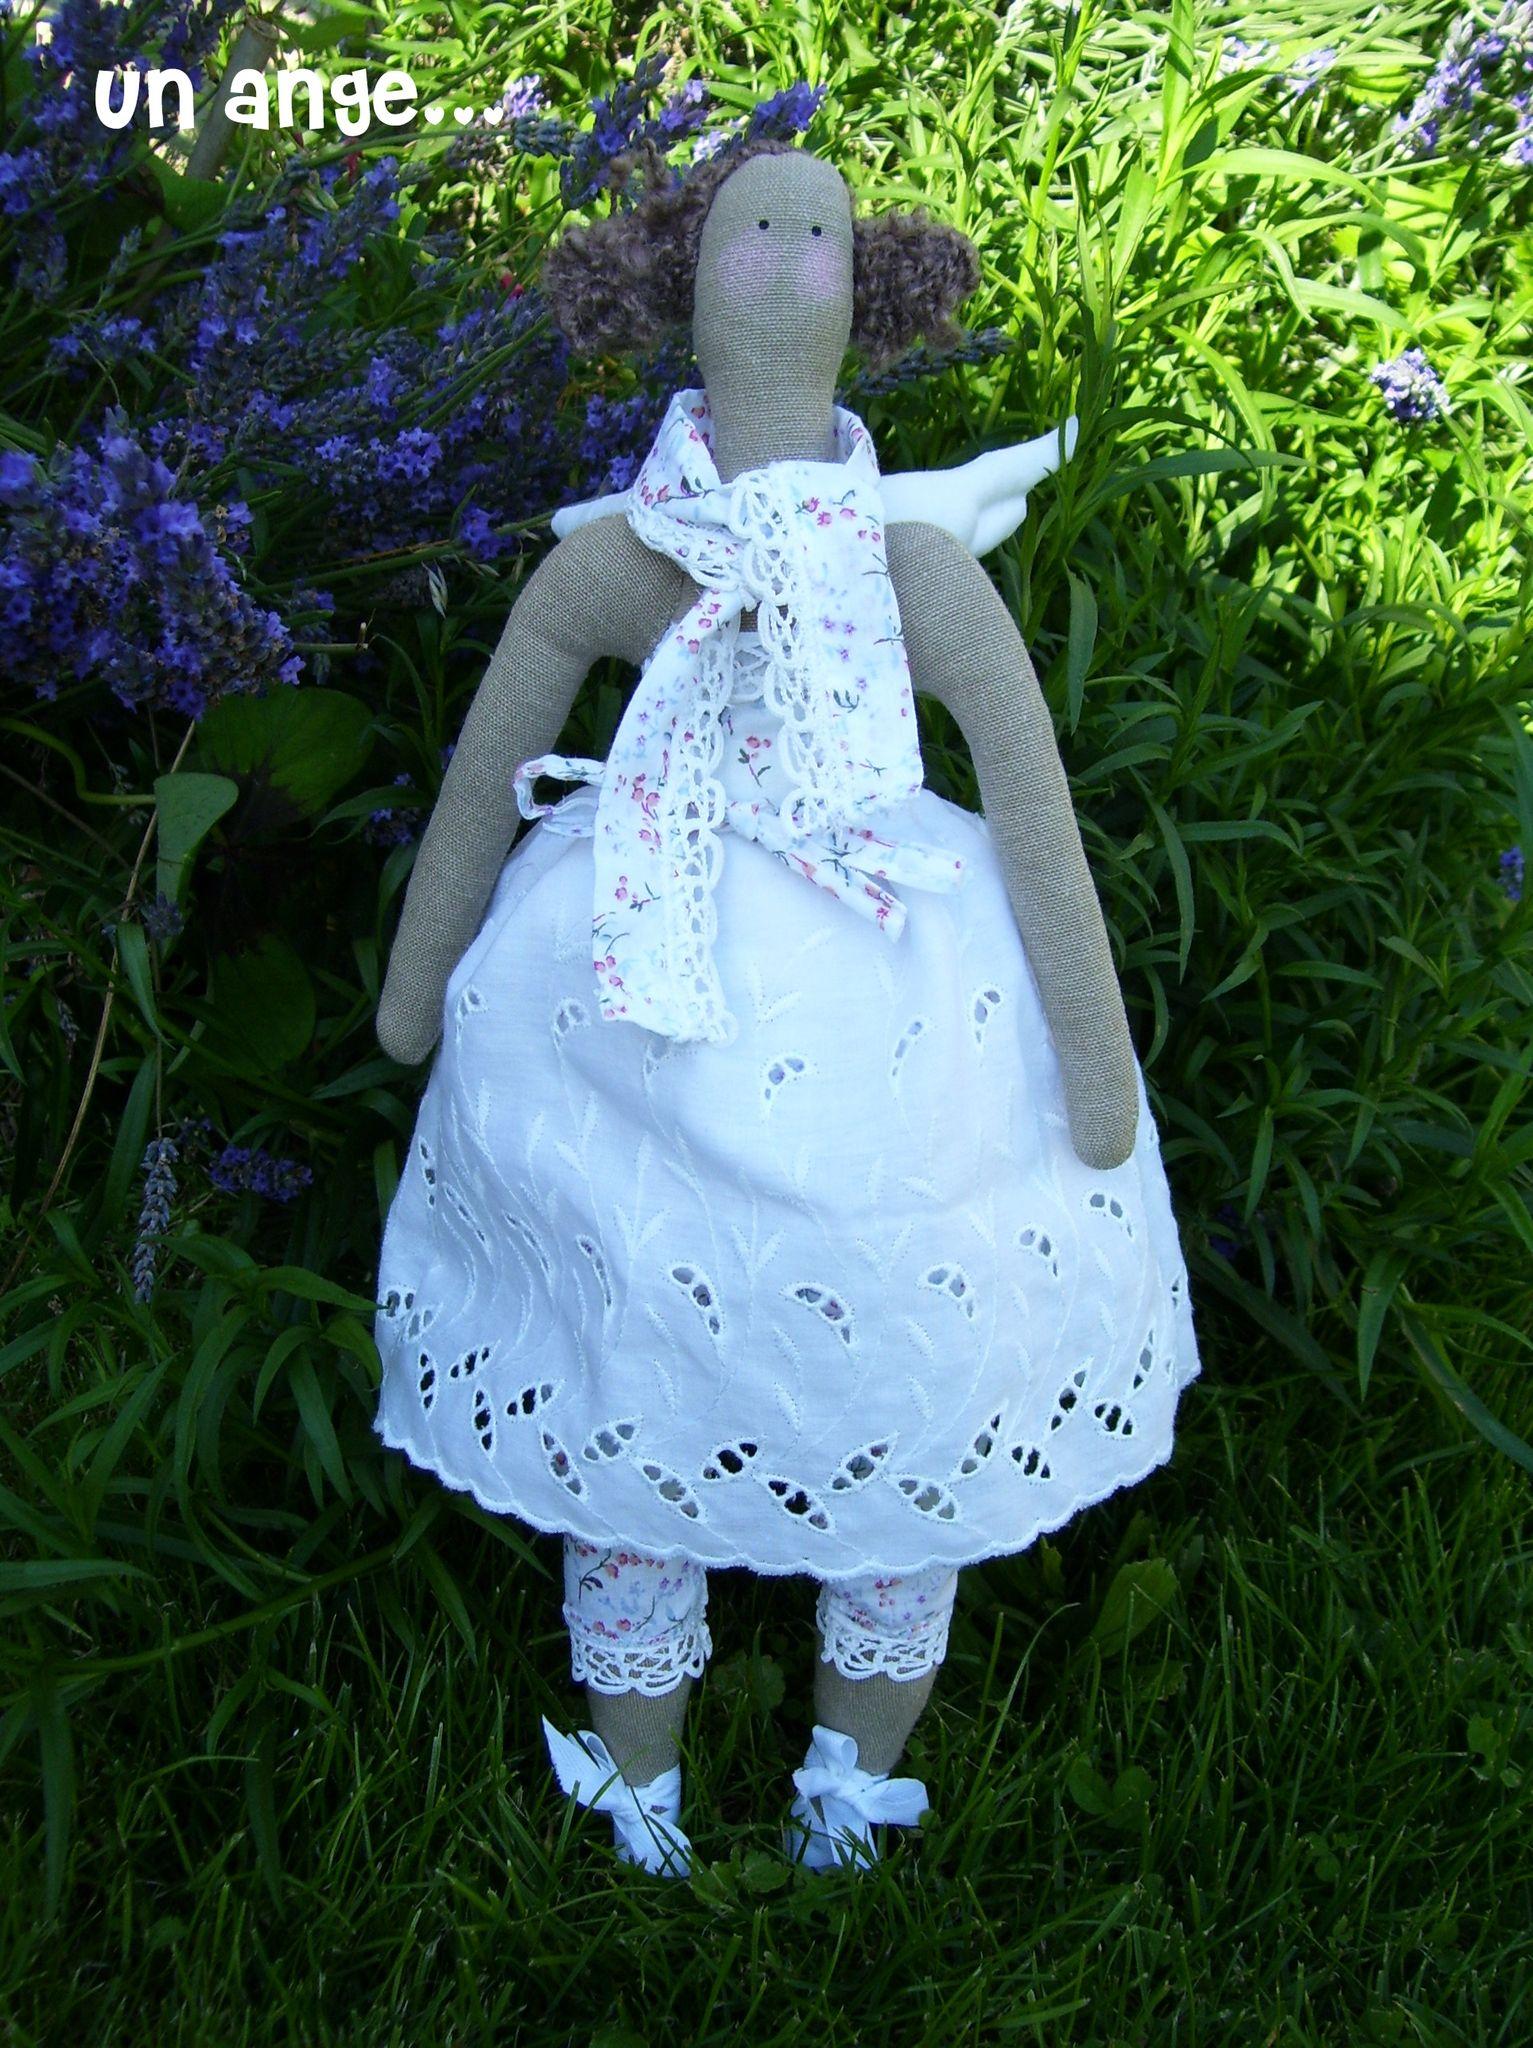 un ange romantique... au jardin